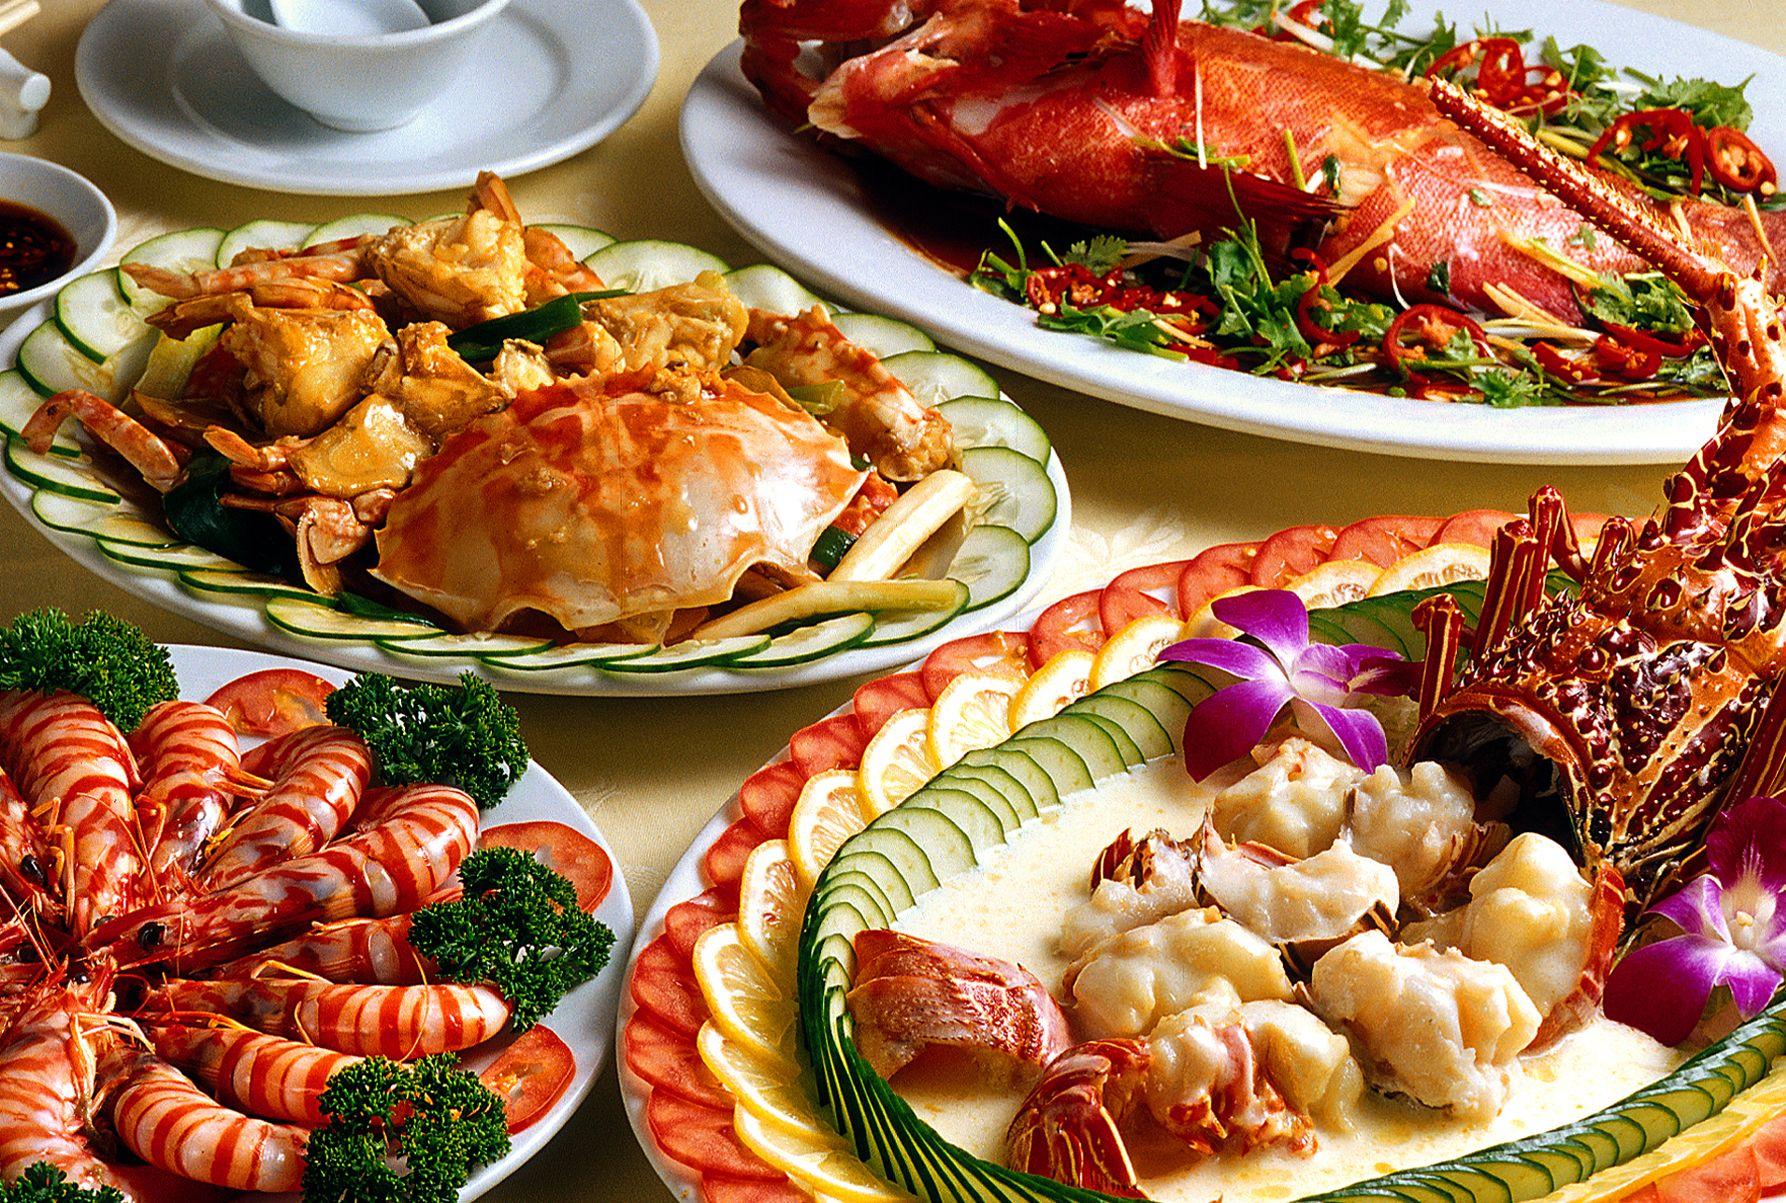 Nguyên nhân gây viêm da tiếp xúc do hải sản